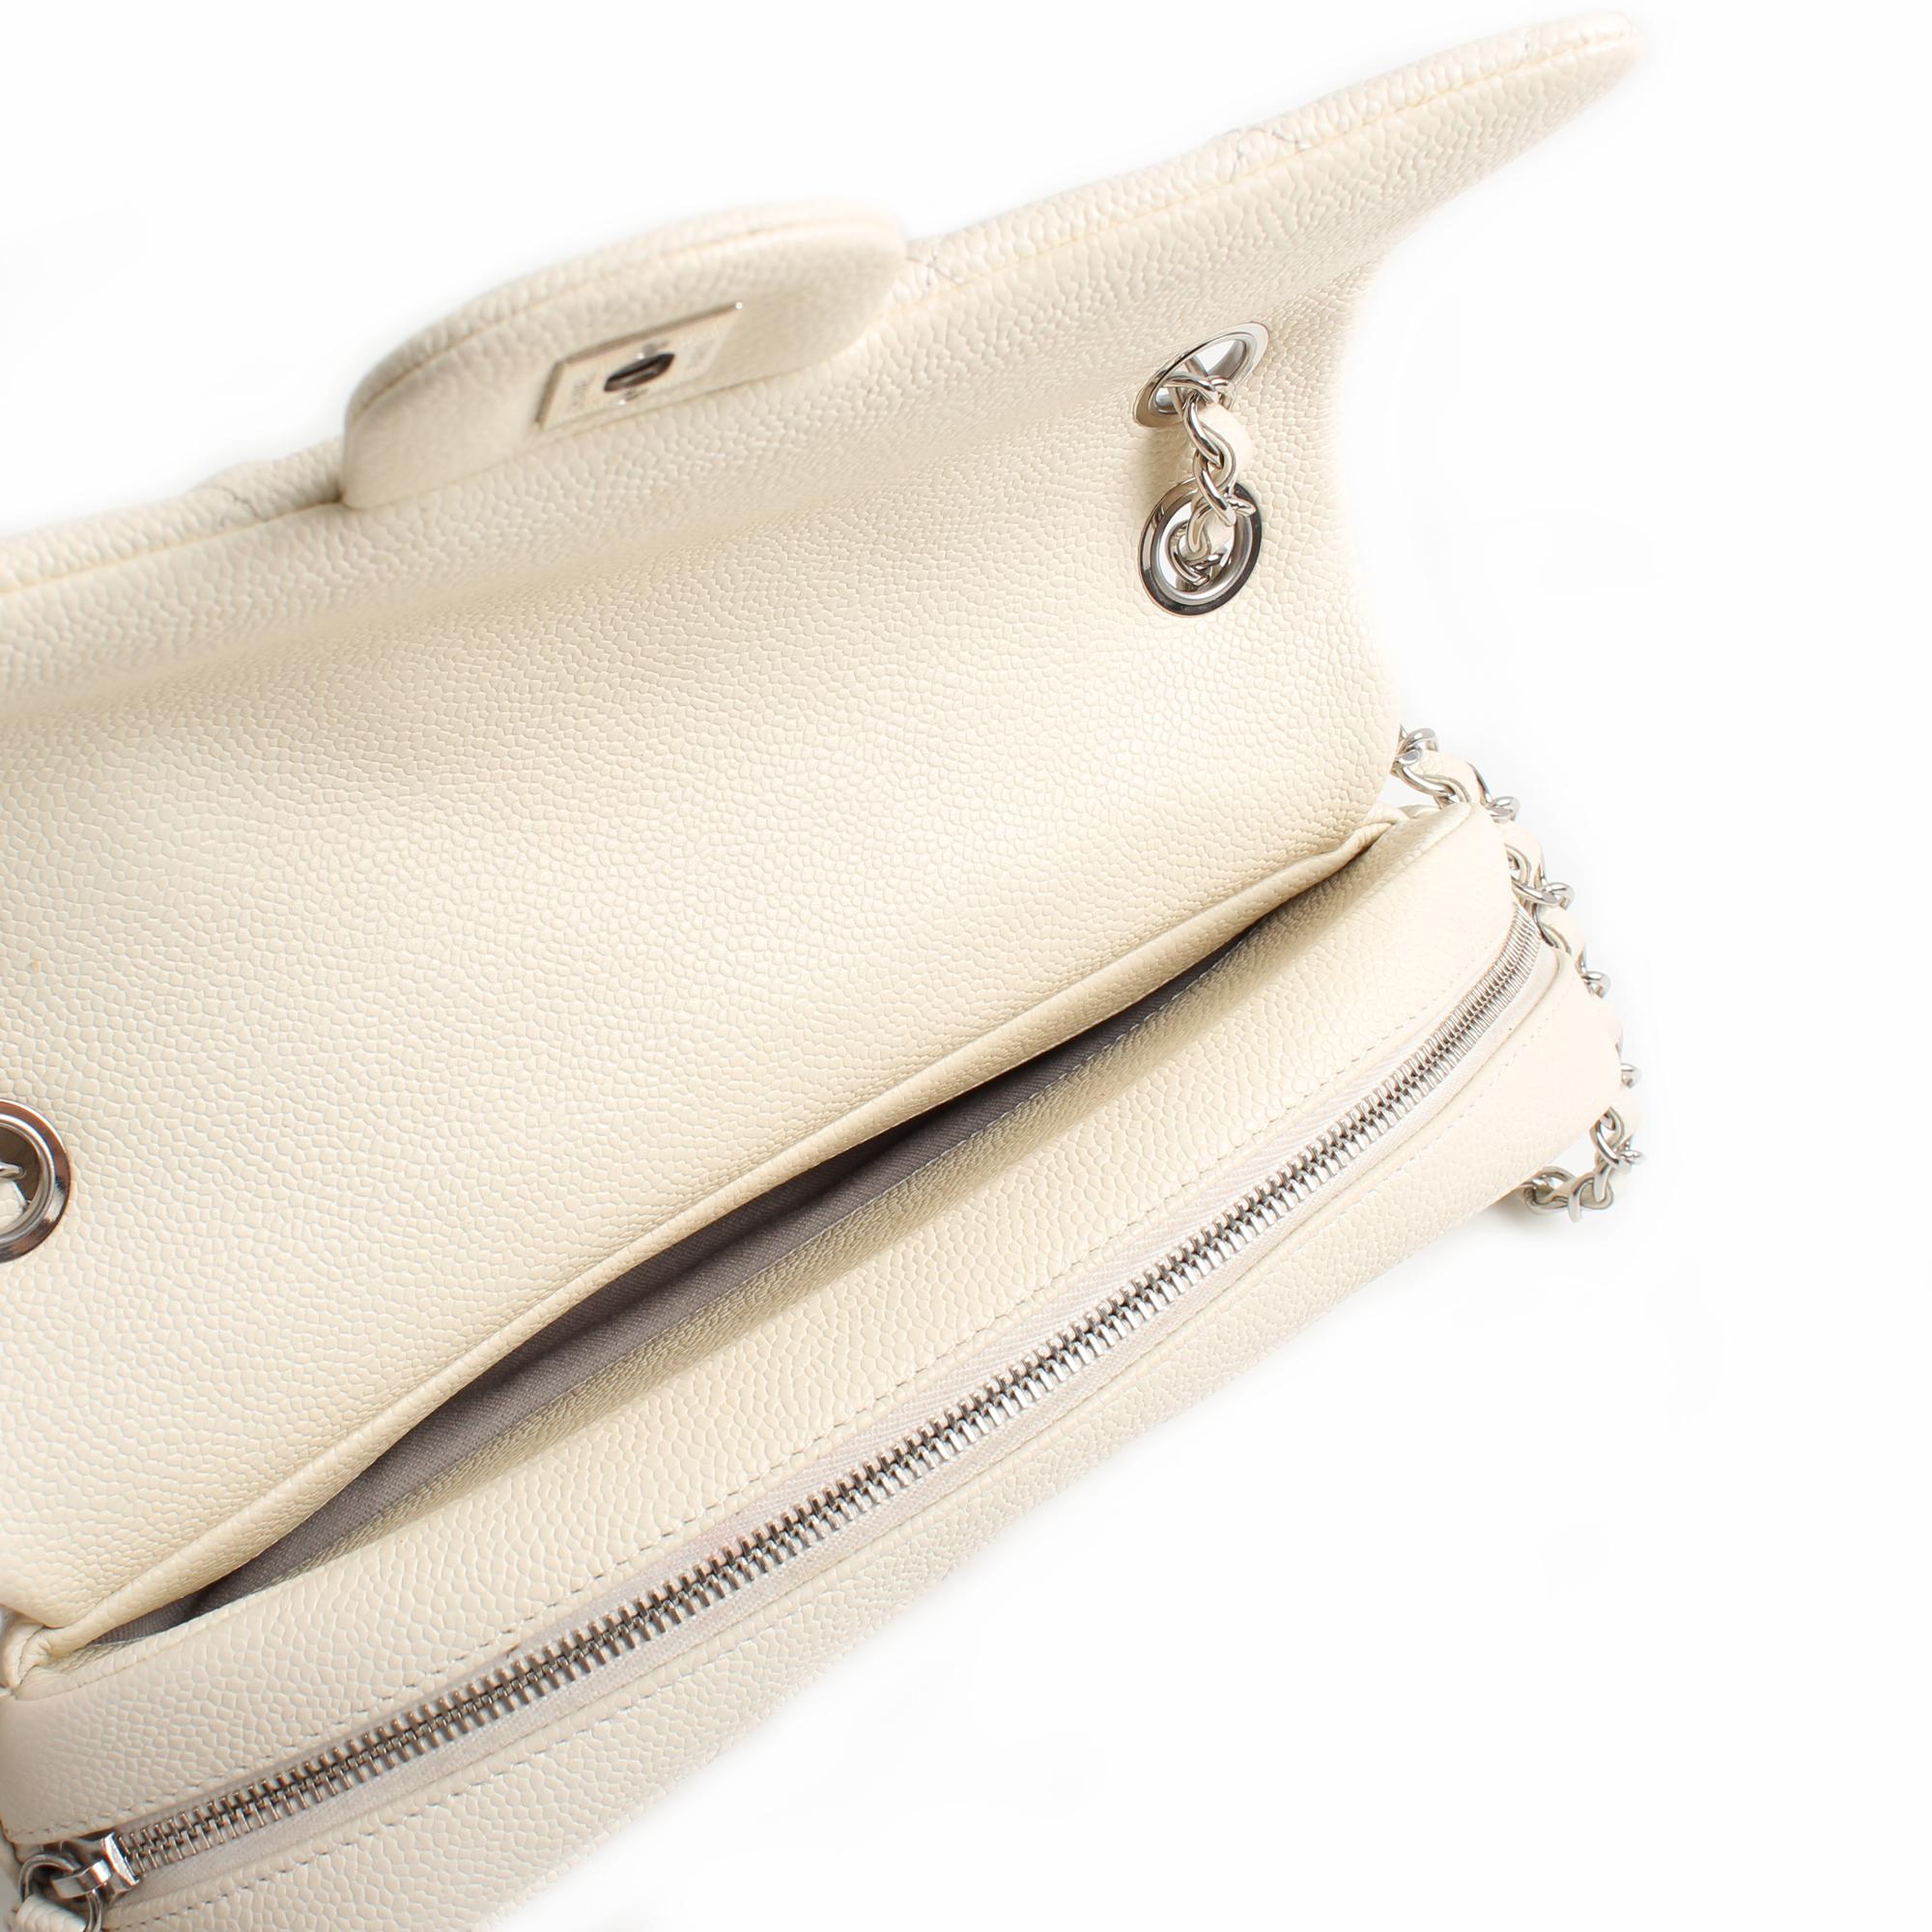 bolso chanel easy zip mediano piel caviar blanca detalle cremallera